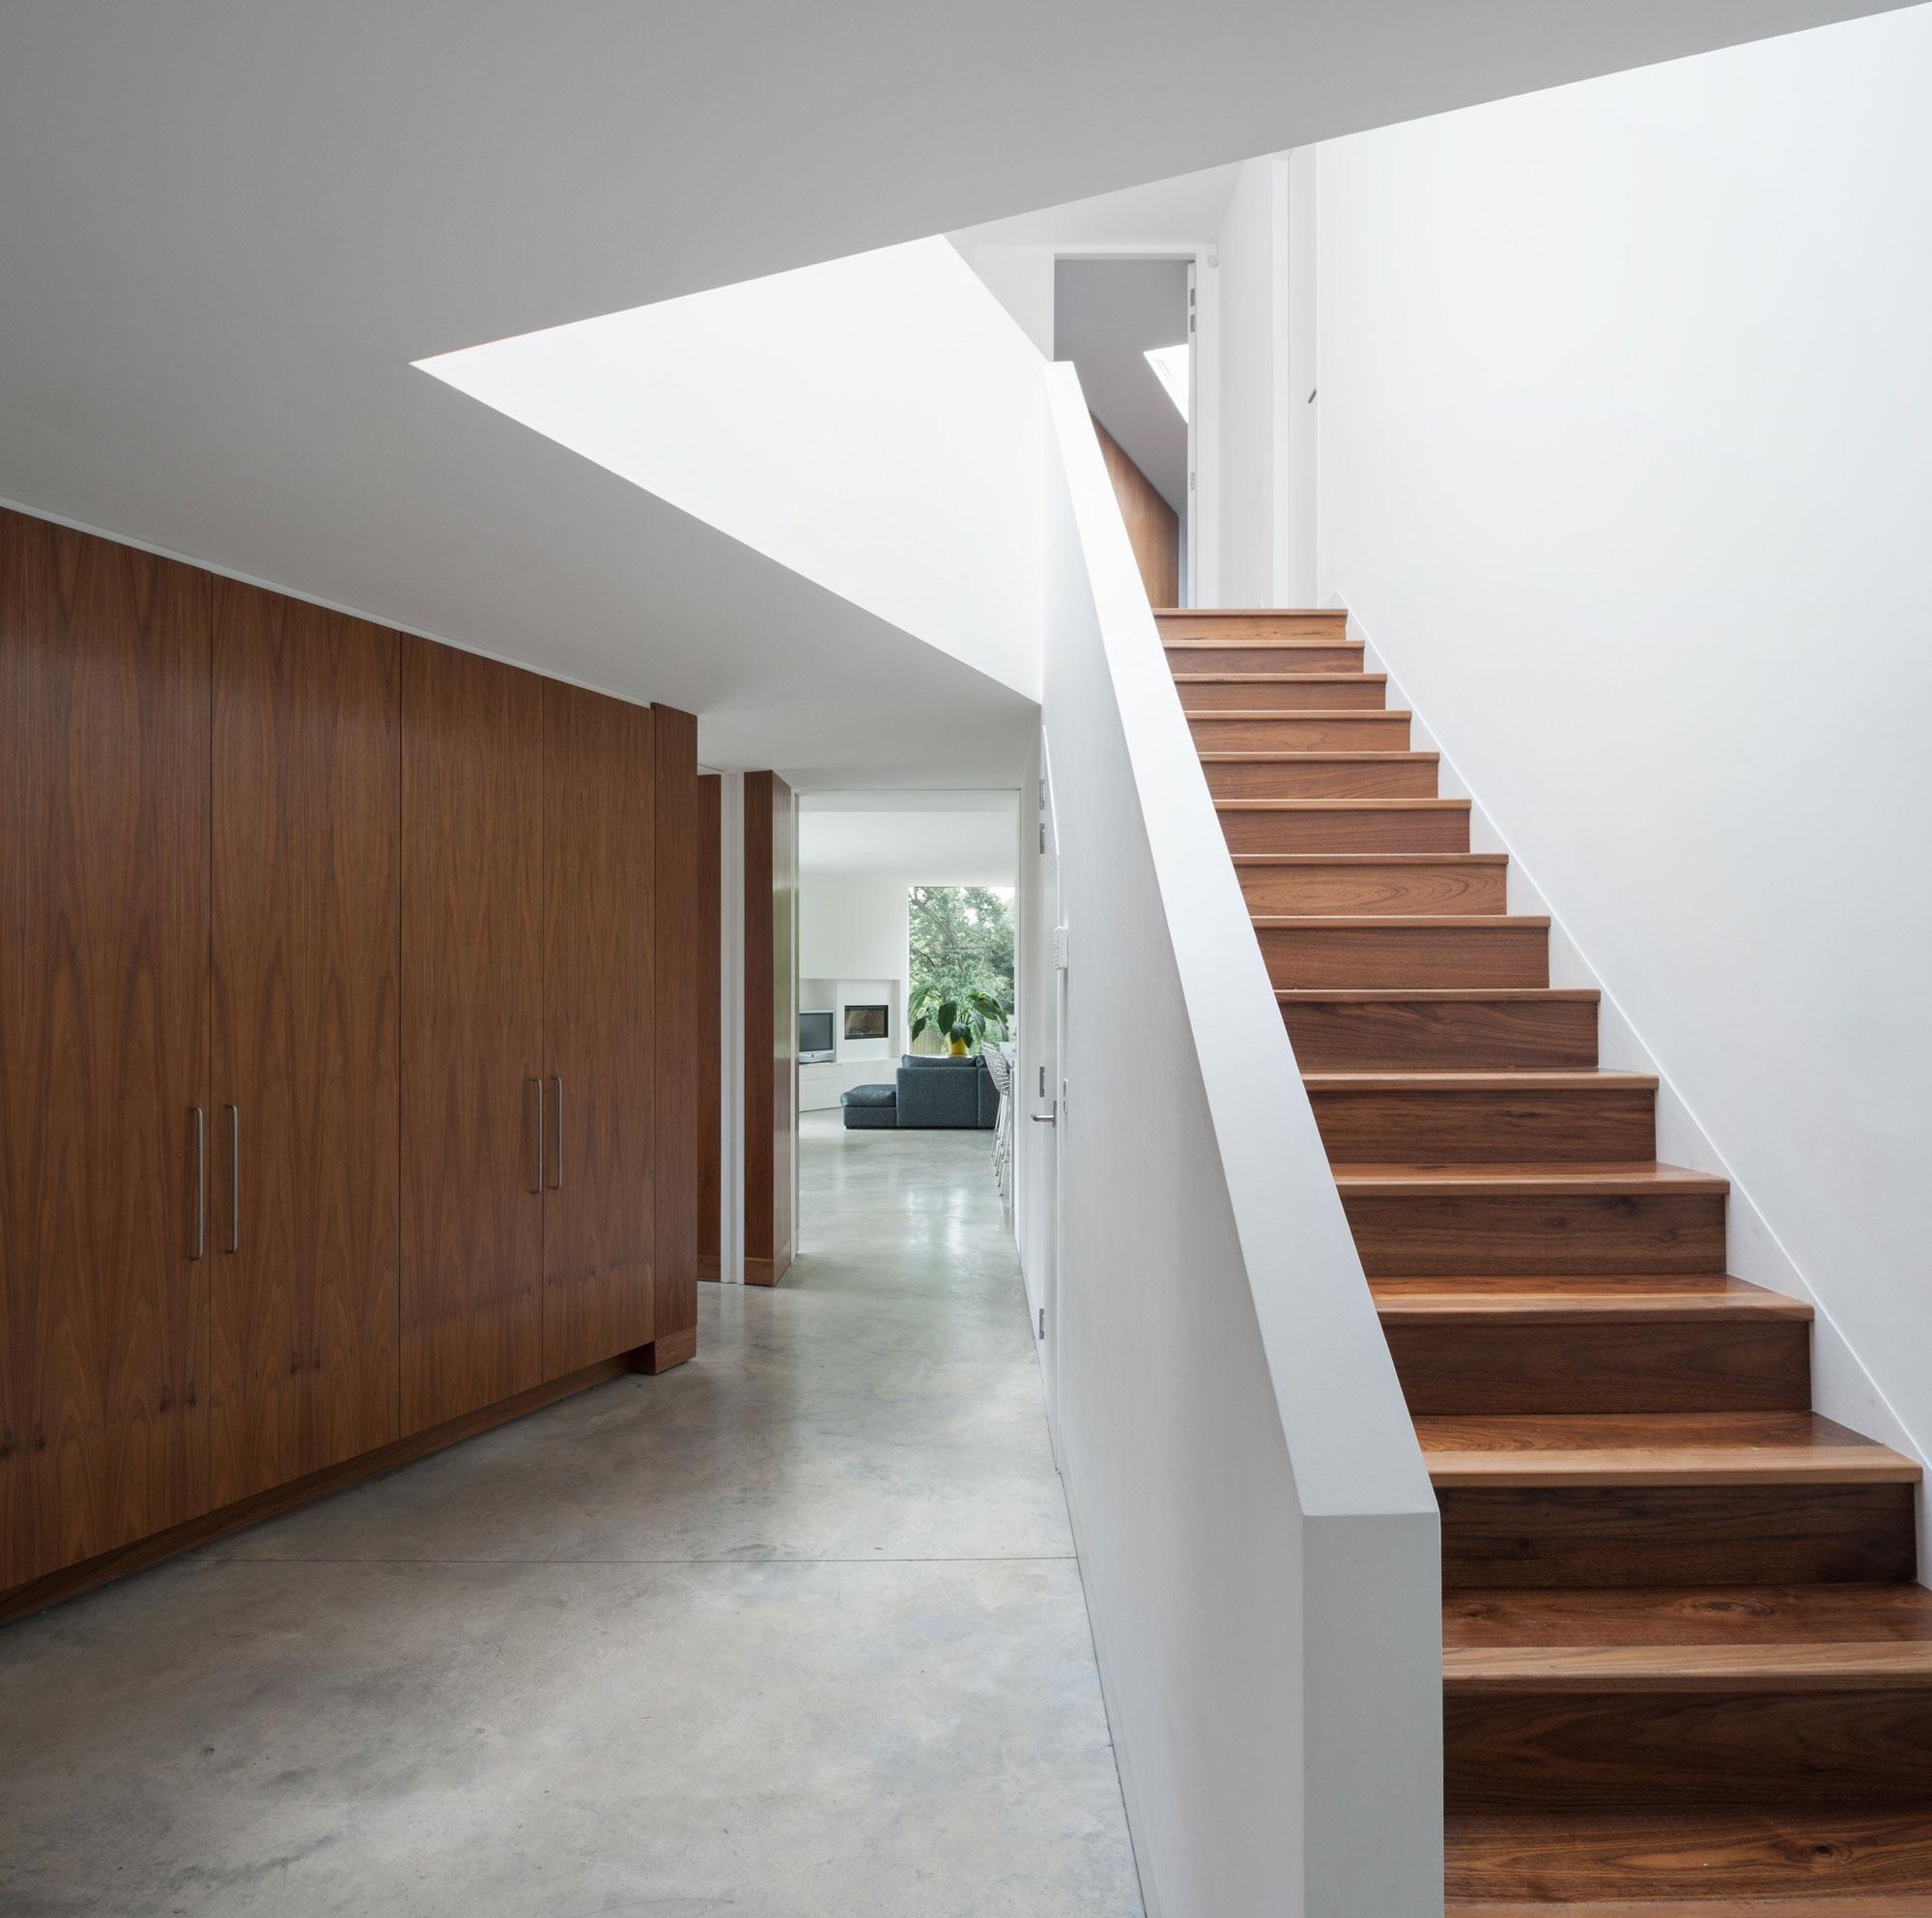 Деревянная лестница со сплошными перилами